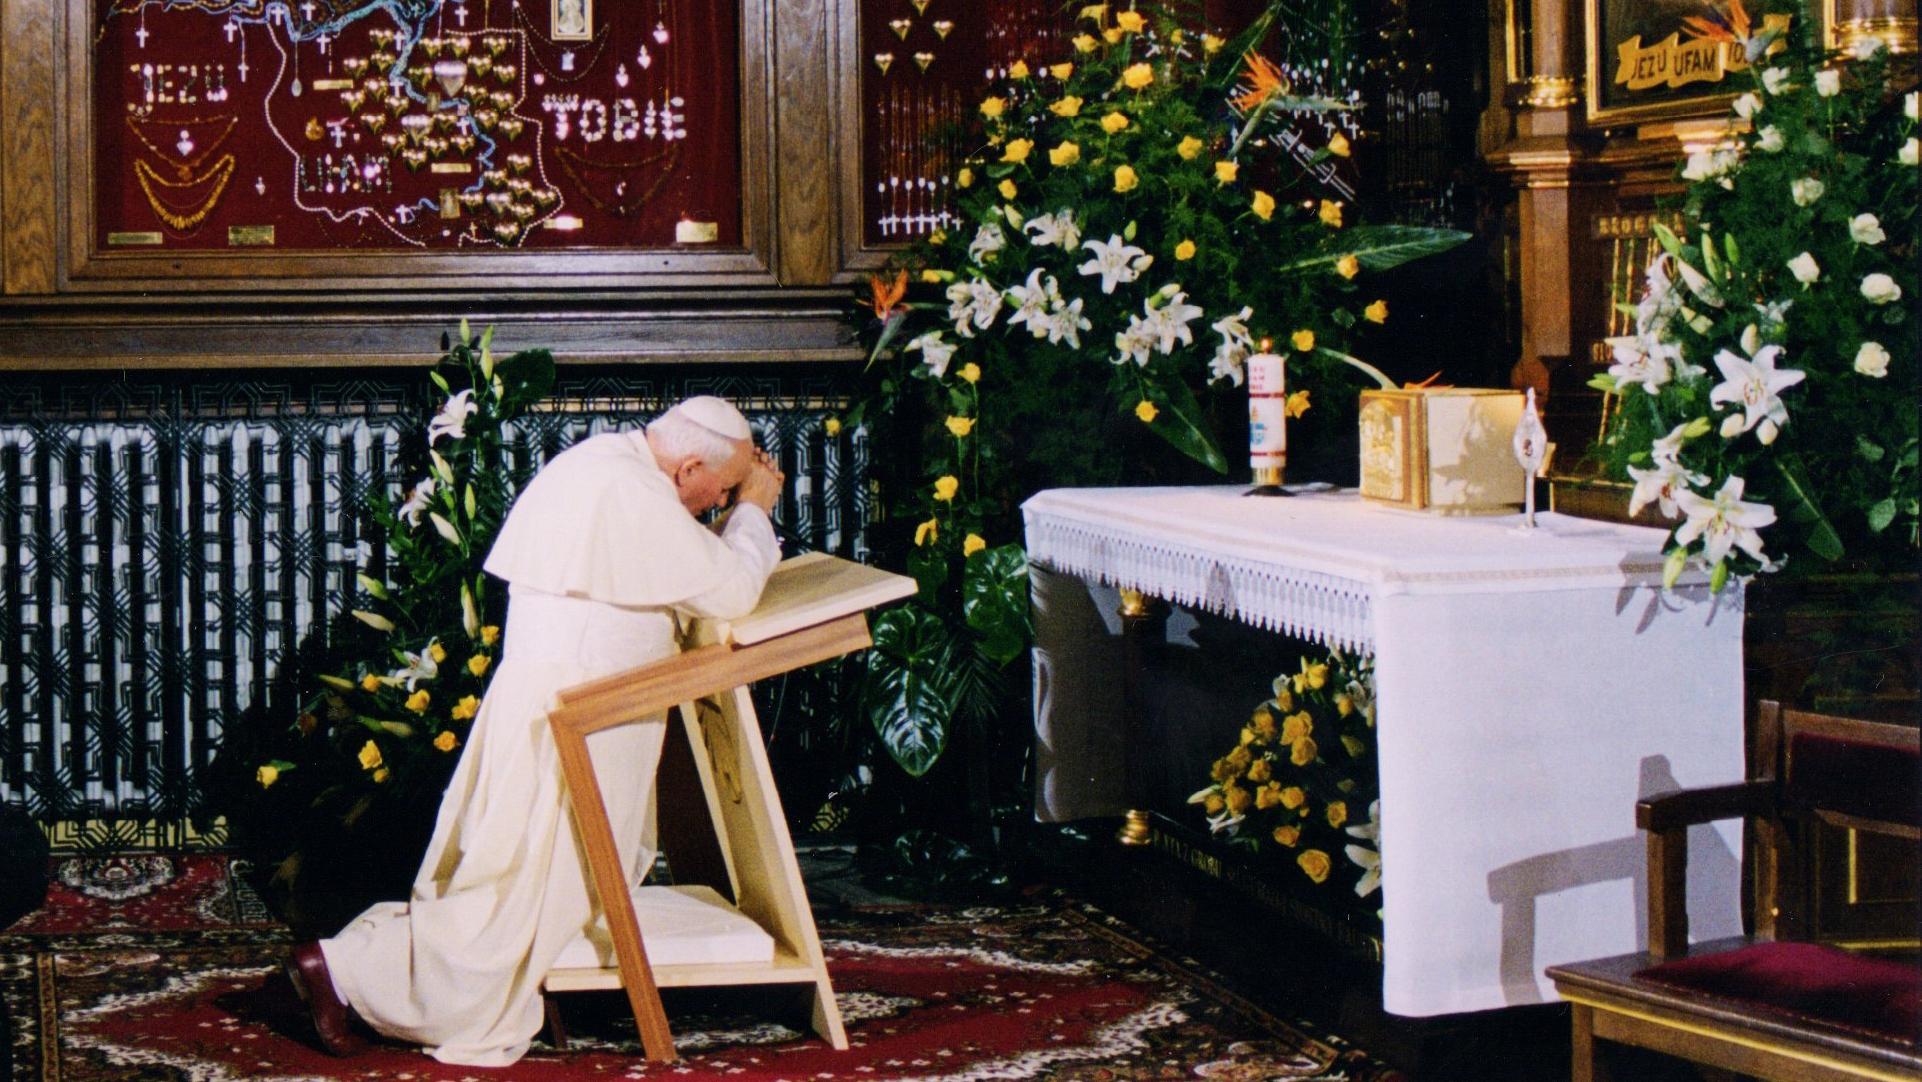 Przemówienie św. Jana Pawła II w łagiewnickim sanktuarium, 7 czerwca 1997